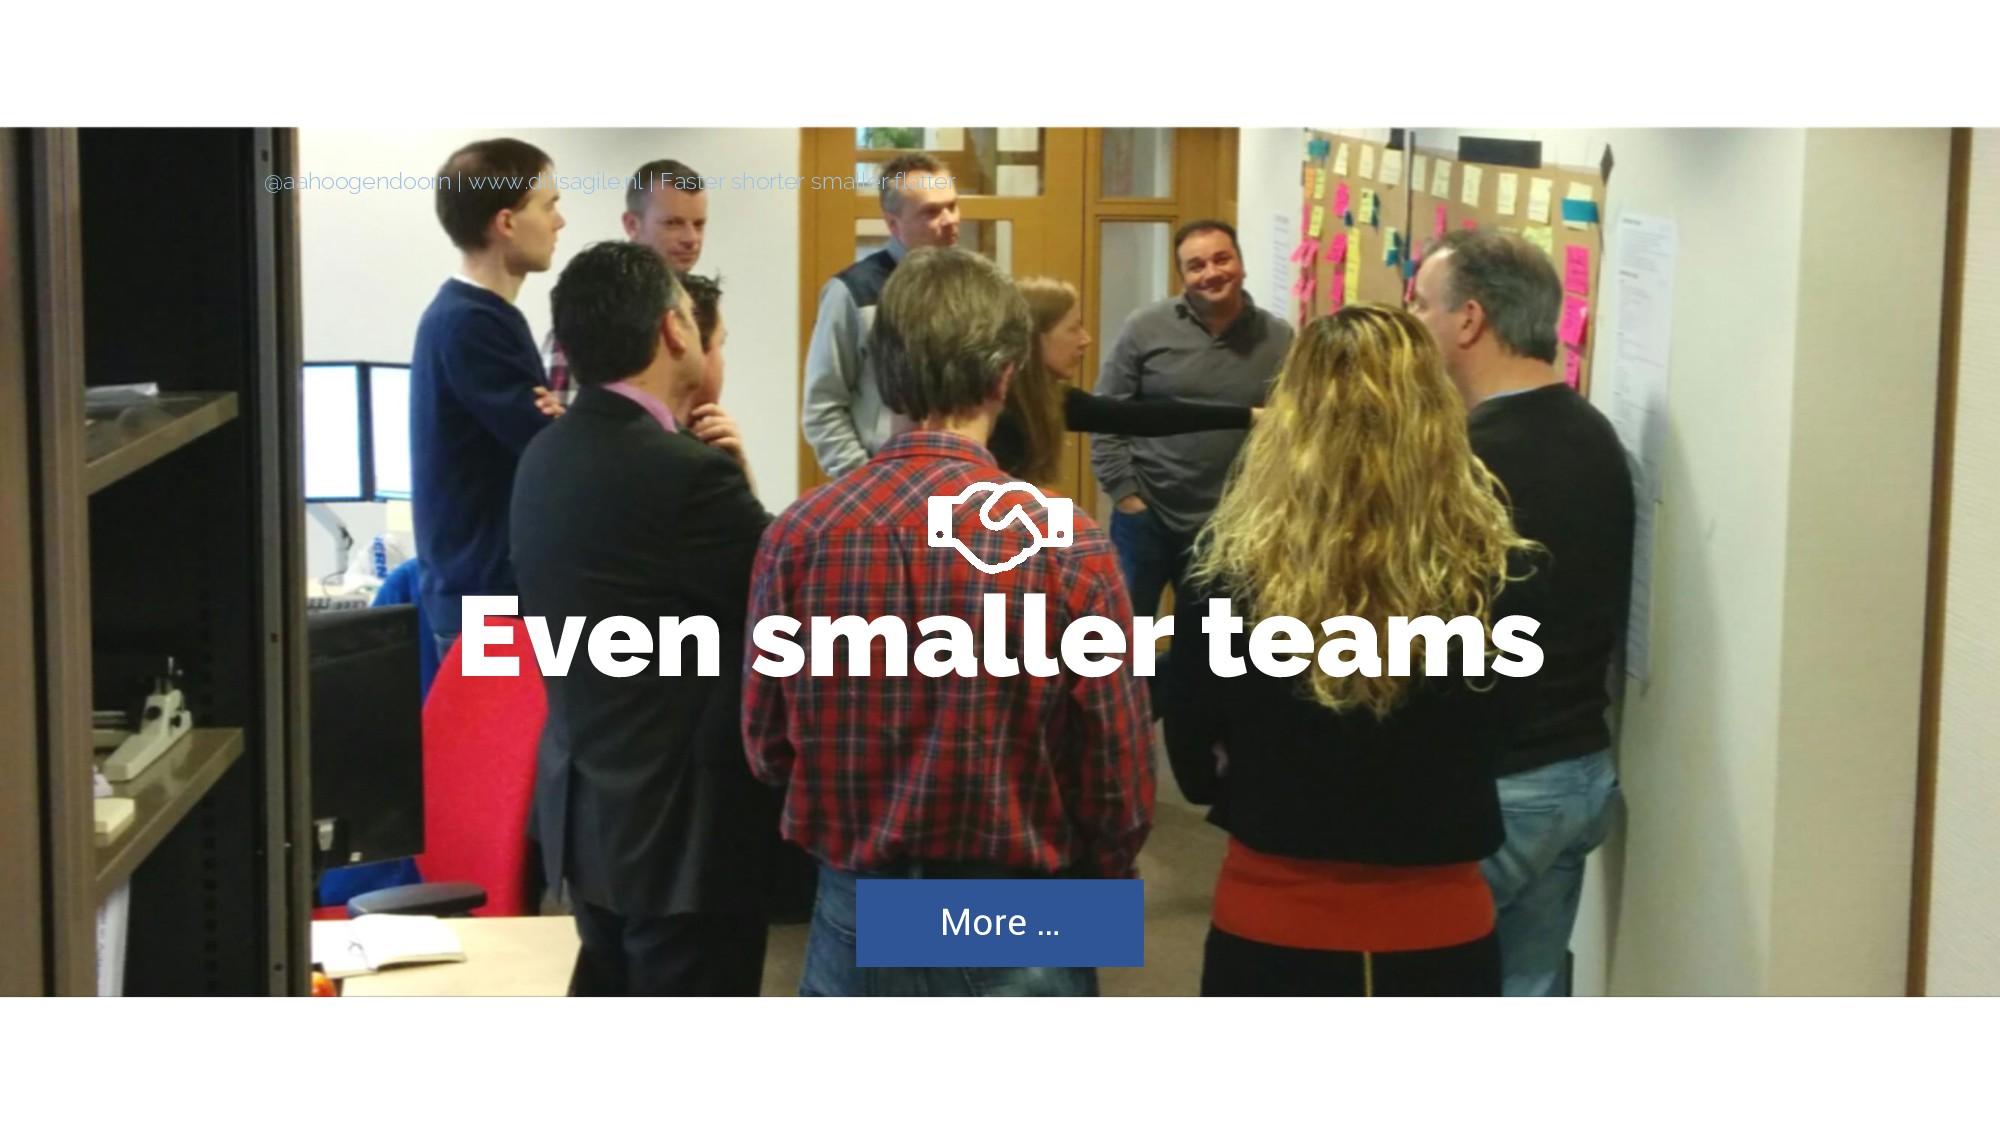 Even smaller teams More … @aahoogendoorn | www....